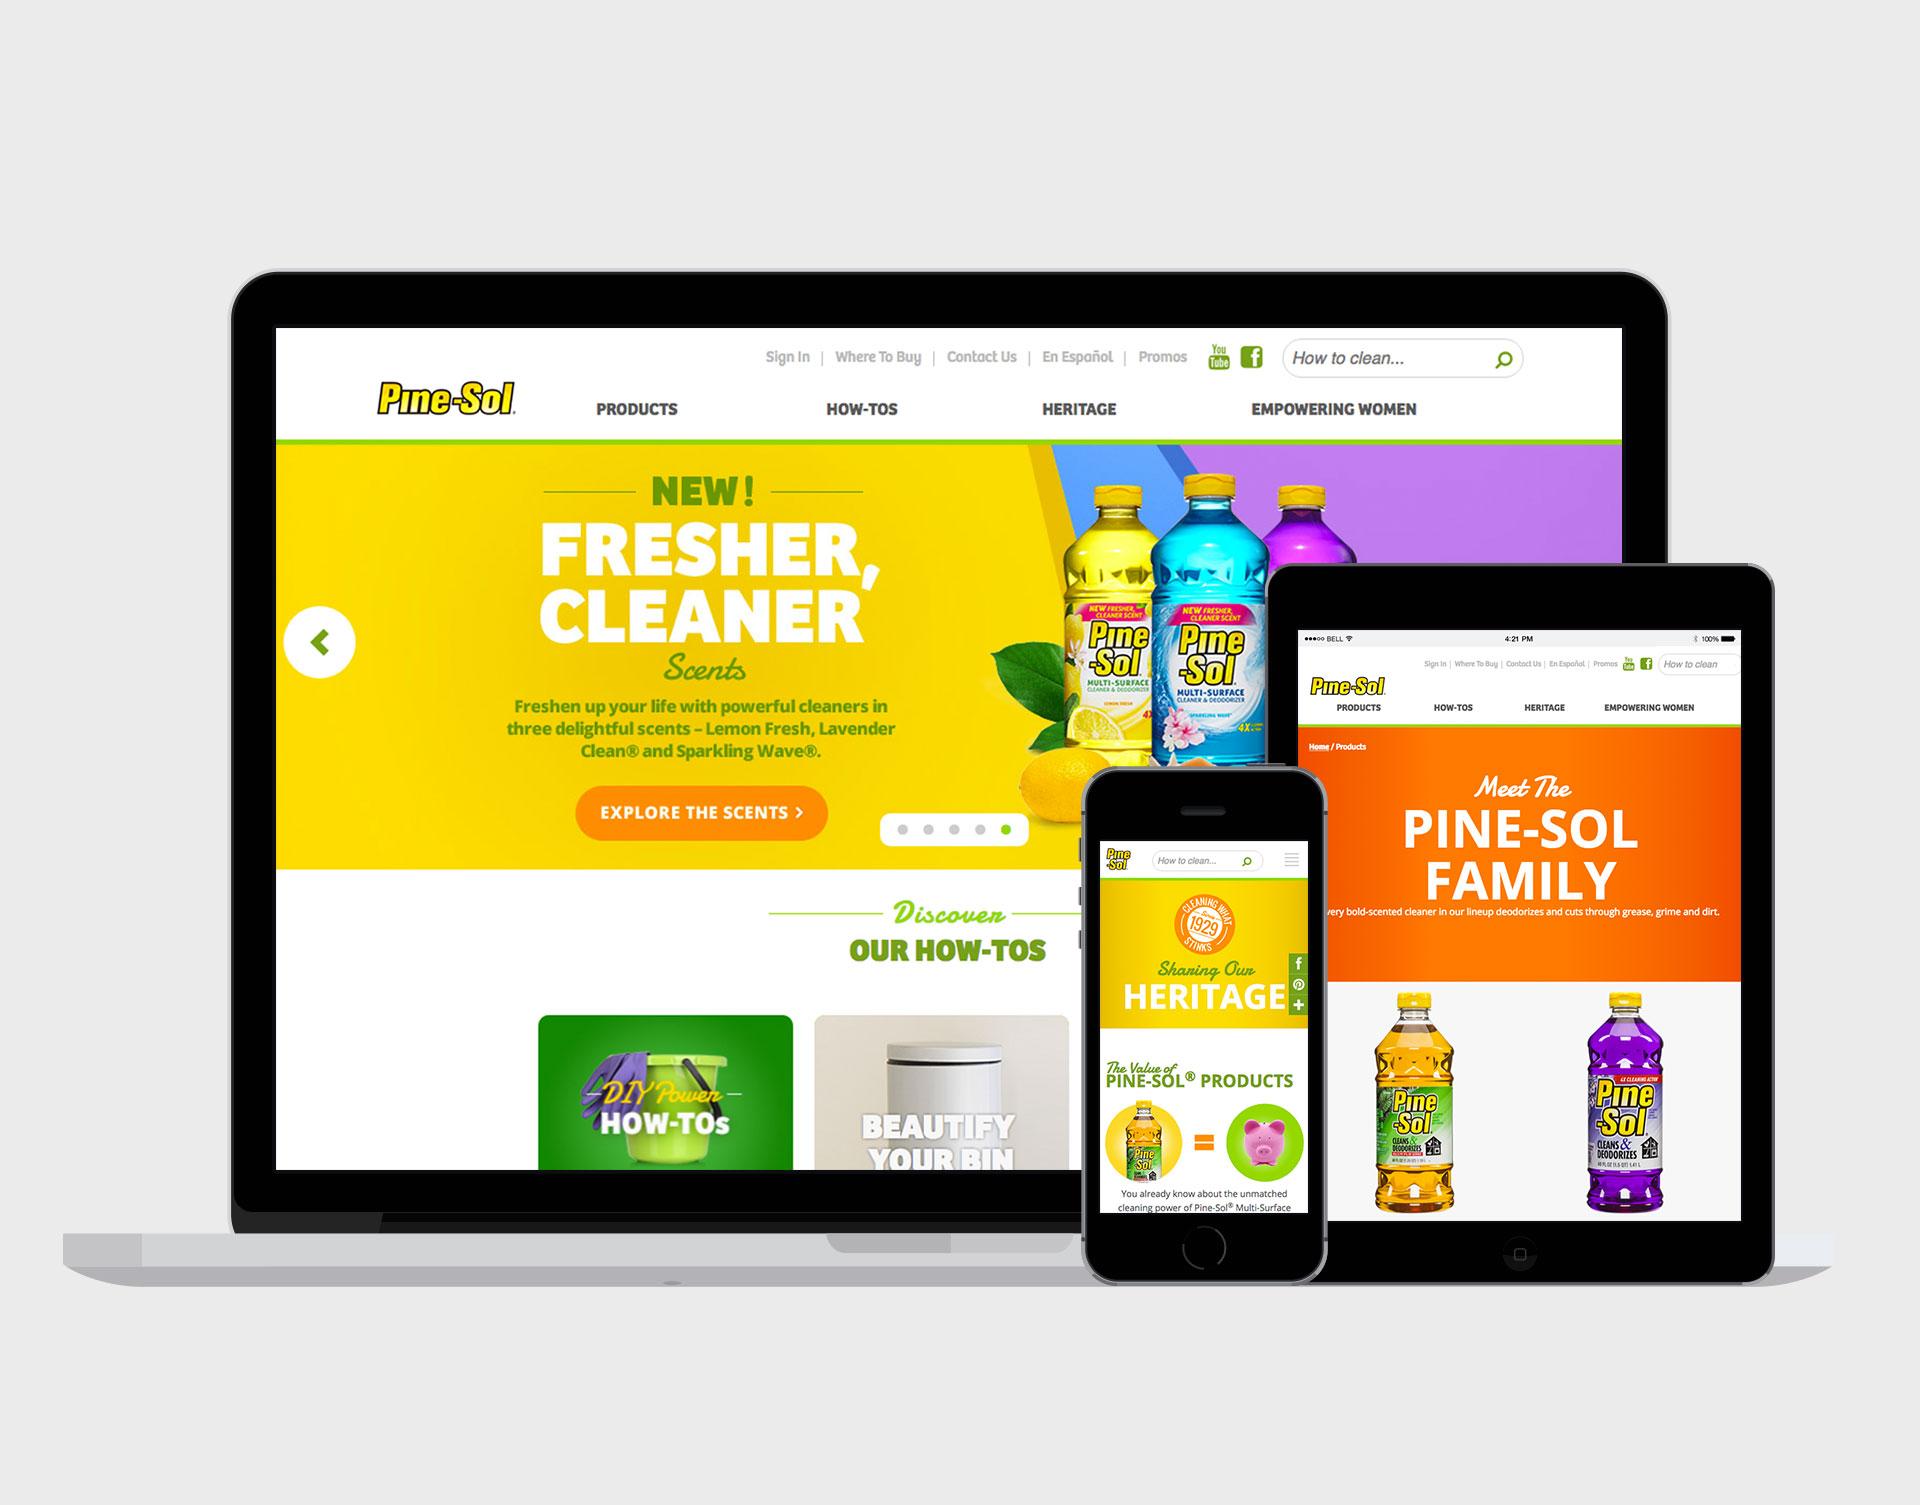 homepage_pinesol.jpg